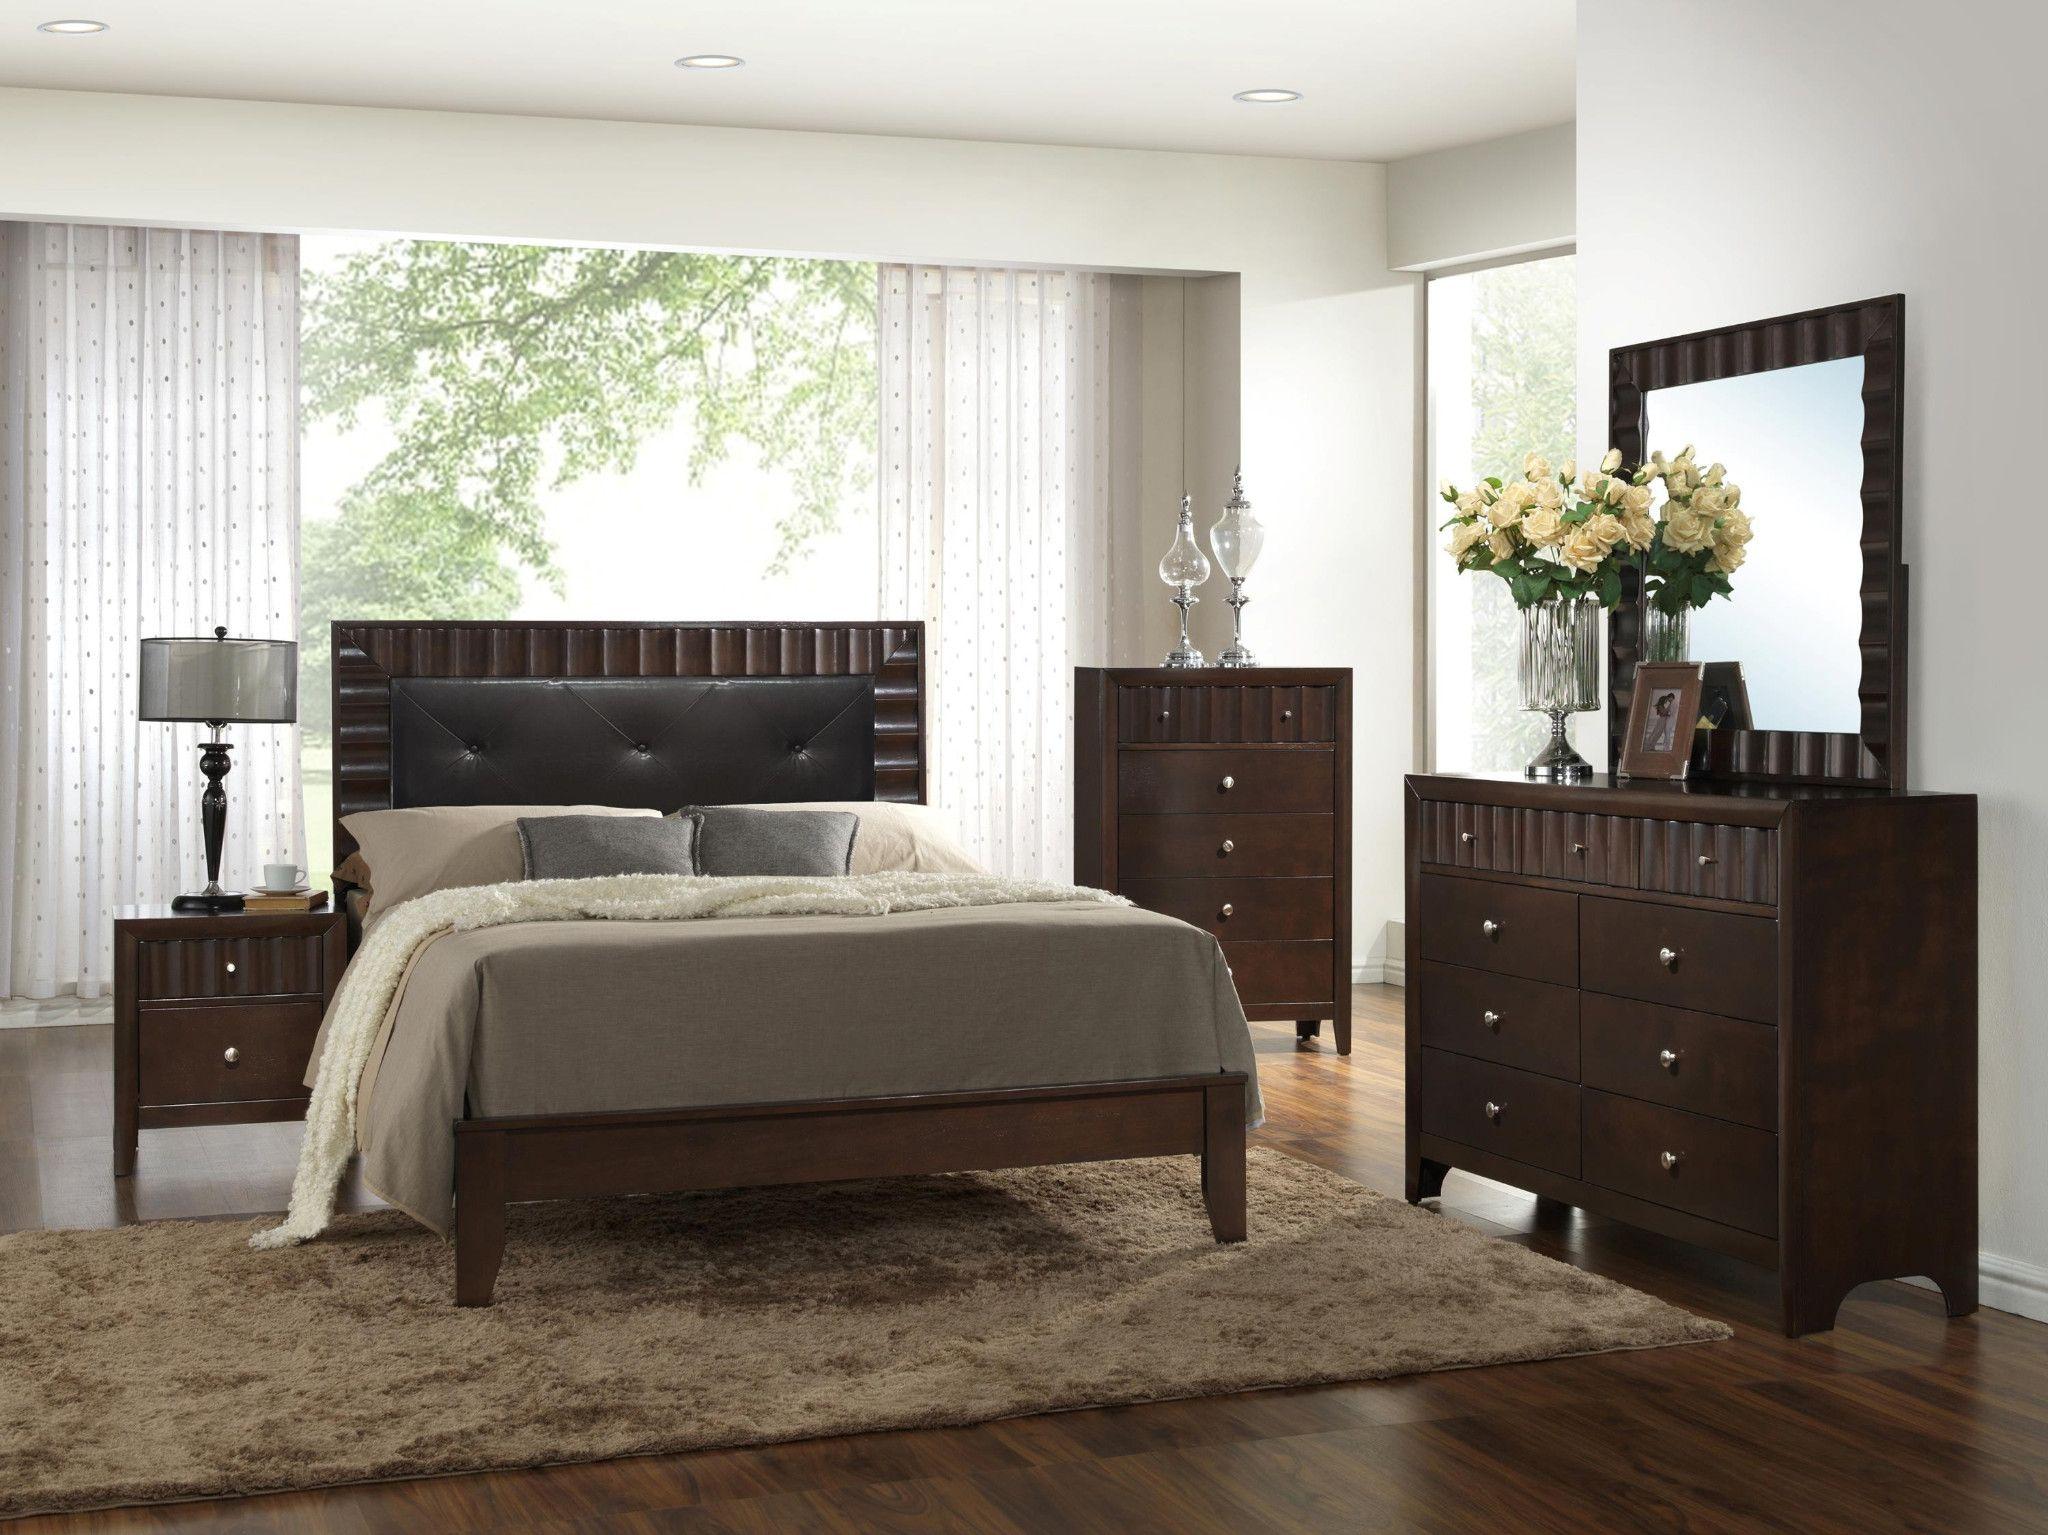 Best Nadine 5 Piece Bedroom Suite 1069 00 Queen Or 1169 00 640 x 480